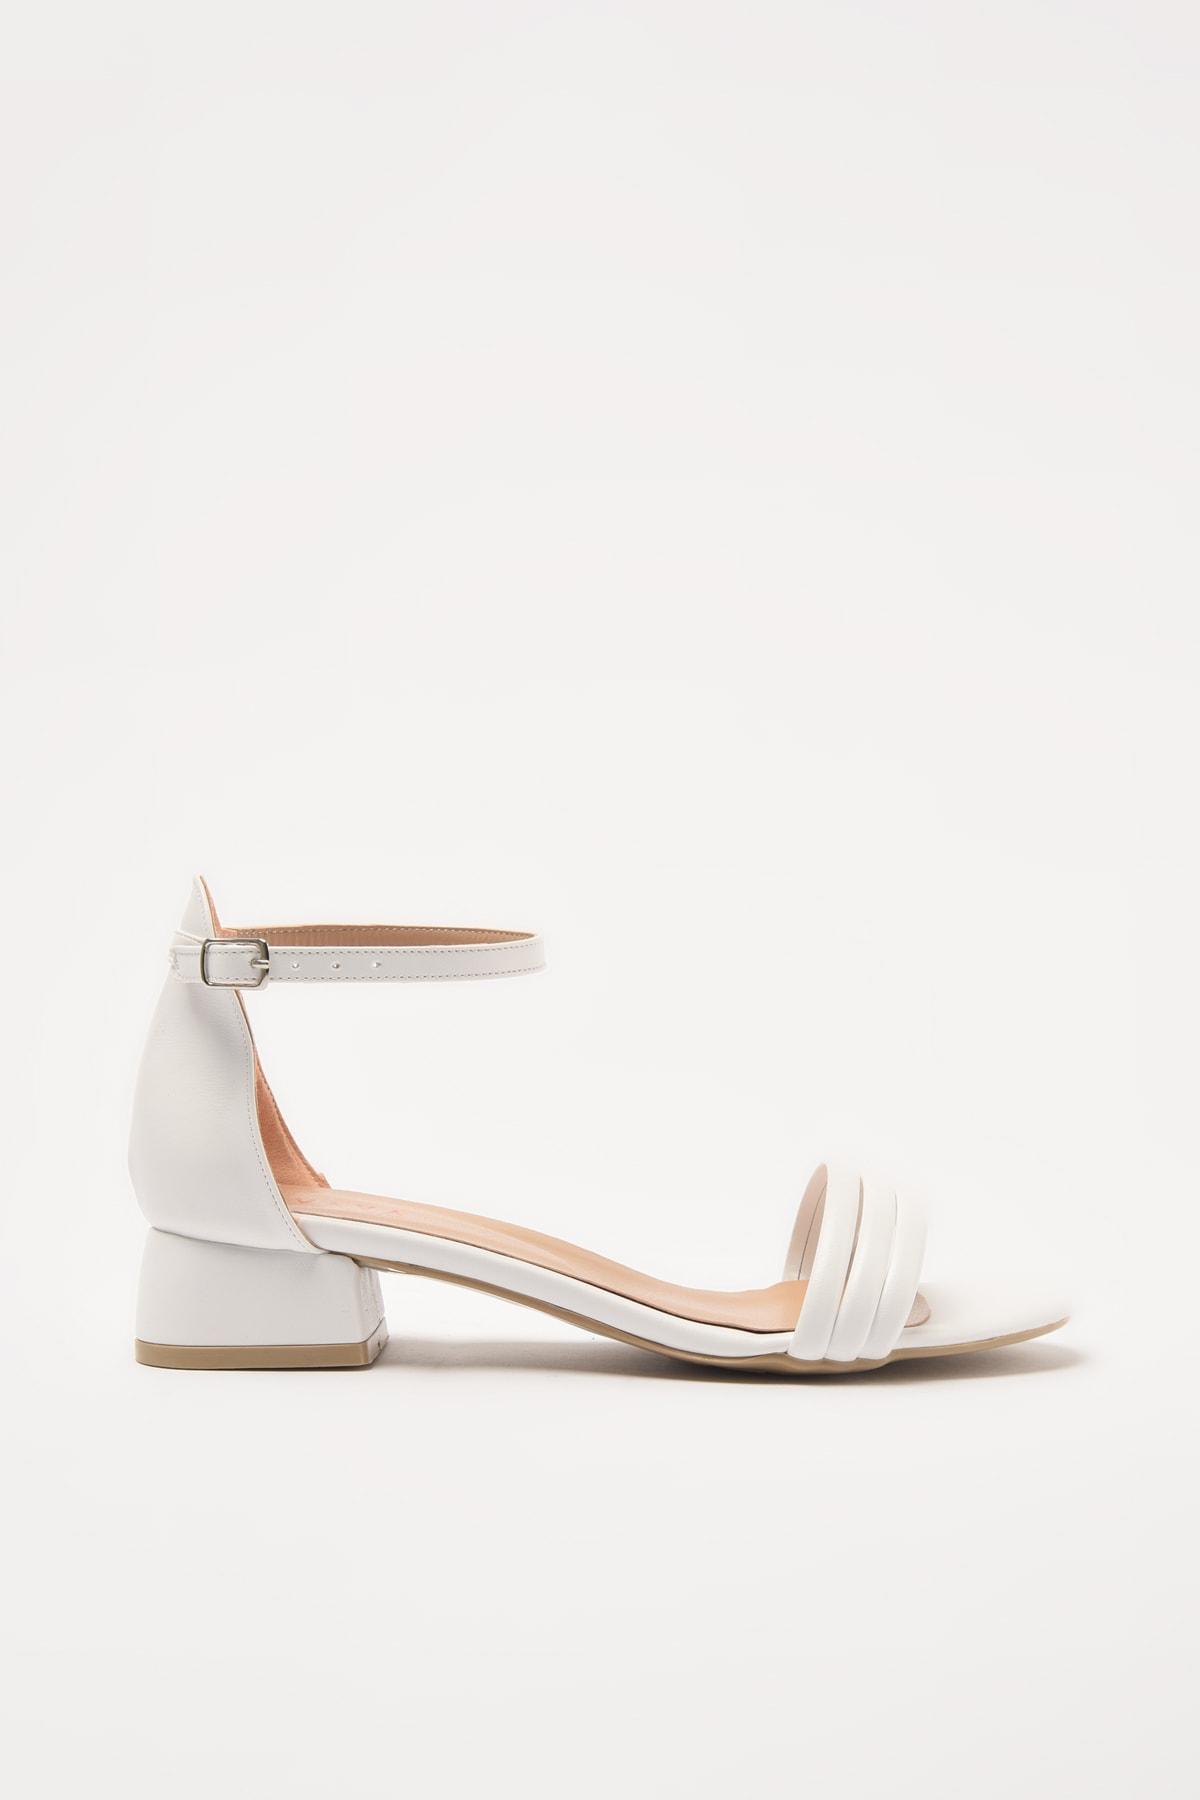 Yaya  by Hotiç Beyaz Kadın Sandalet 01SAY209500A900 1